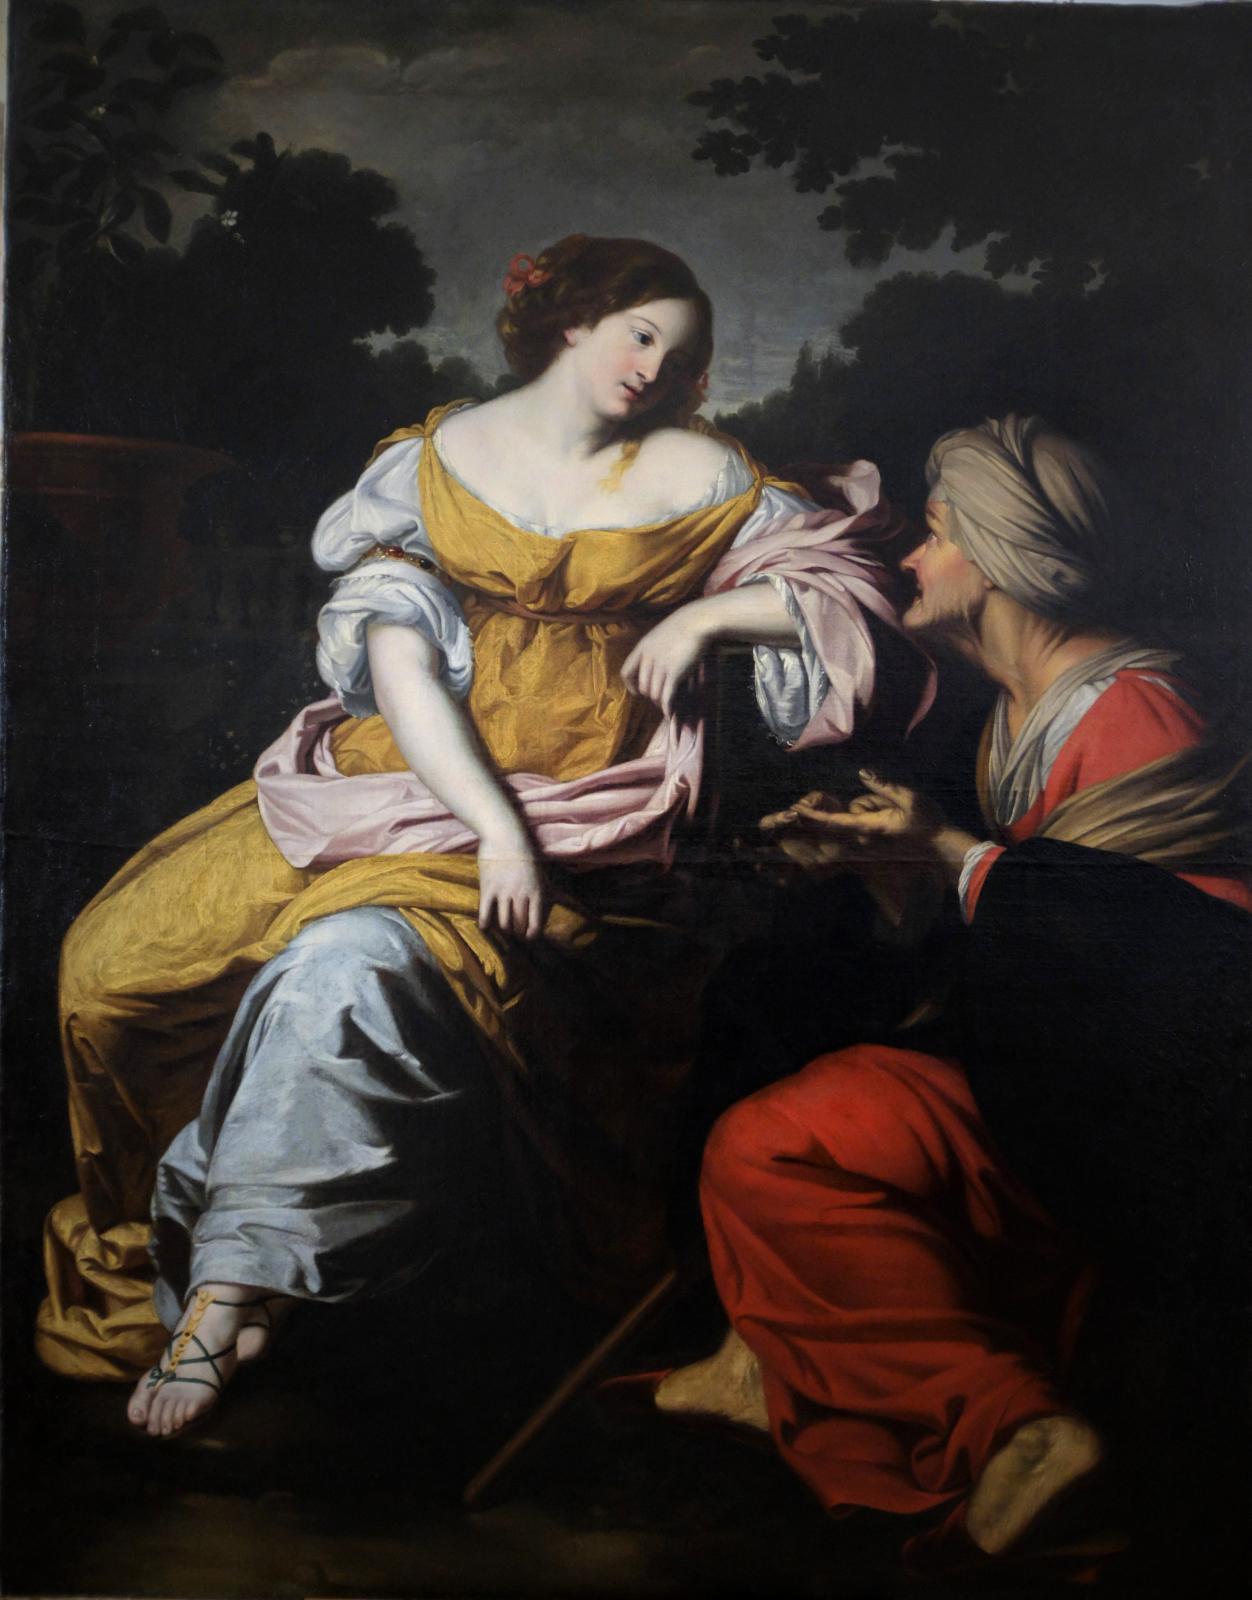 Nicolas Régnier, Vertumne et Pomone, huile sur toile, coll. part, non reproduite dans le catalogue.